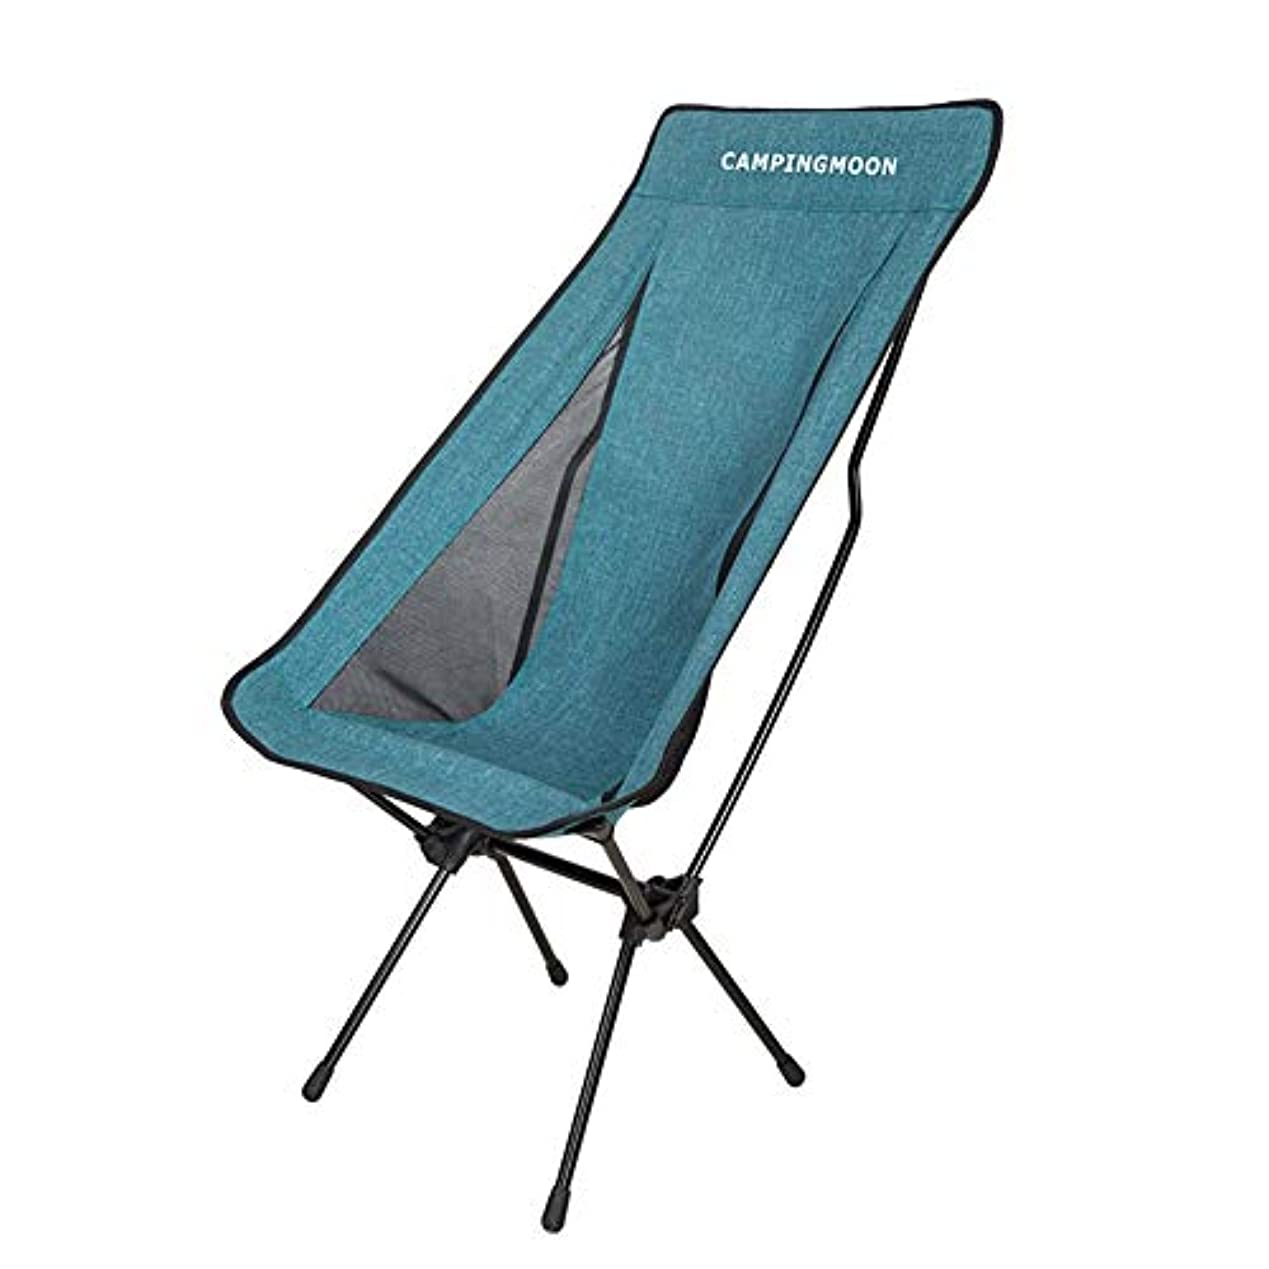 免除するほとんどない公使館携帯用浜のキャンプの折る椅子、屋外の超軽量の高い背部バックパッキングの椅子 - 極度の通気性の69×55×100CM (色 : 青)